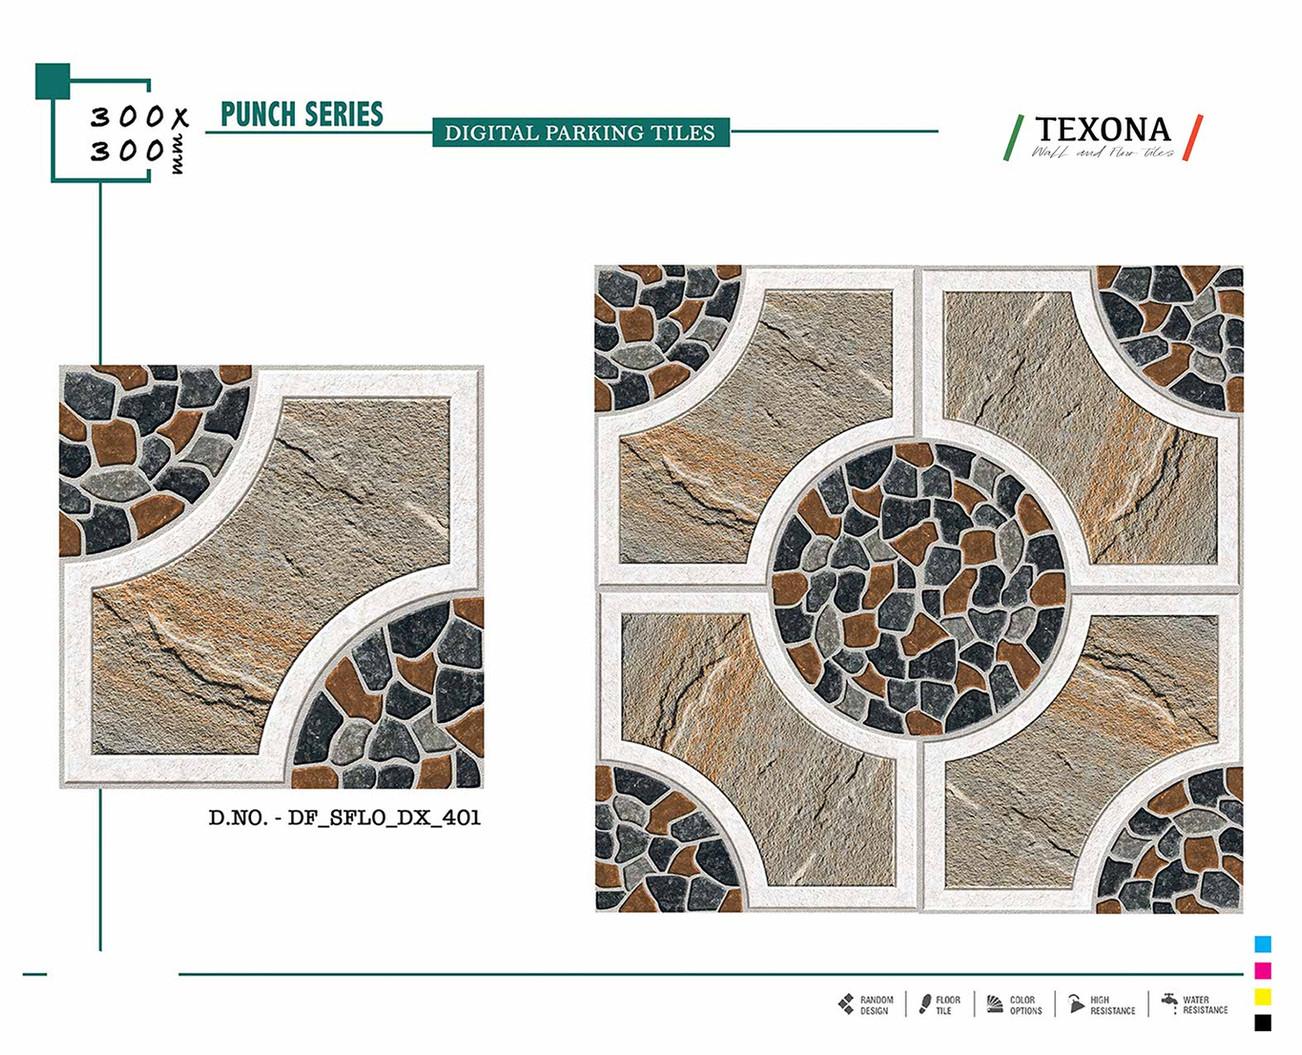 12X12 PARKING VOL.3_Page_21_Image_0001.j